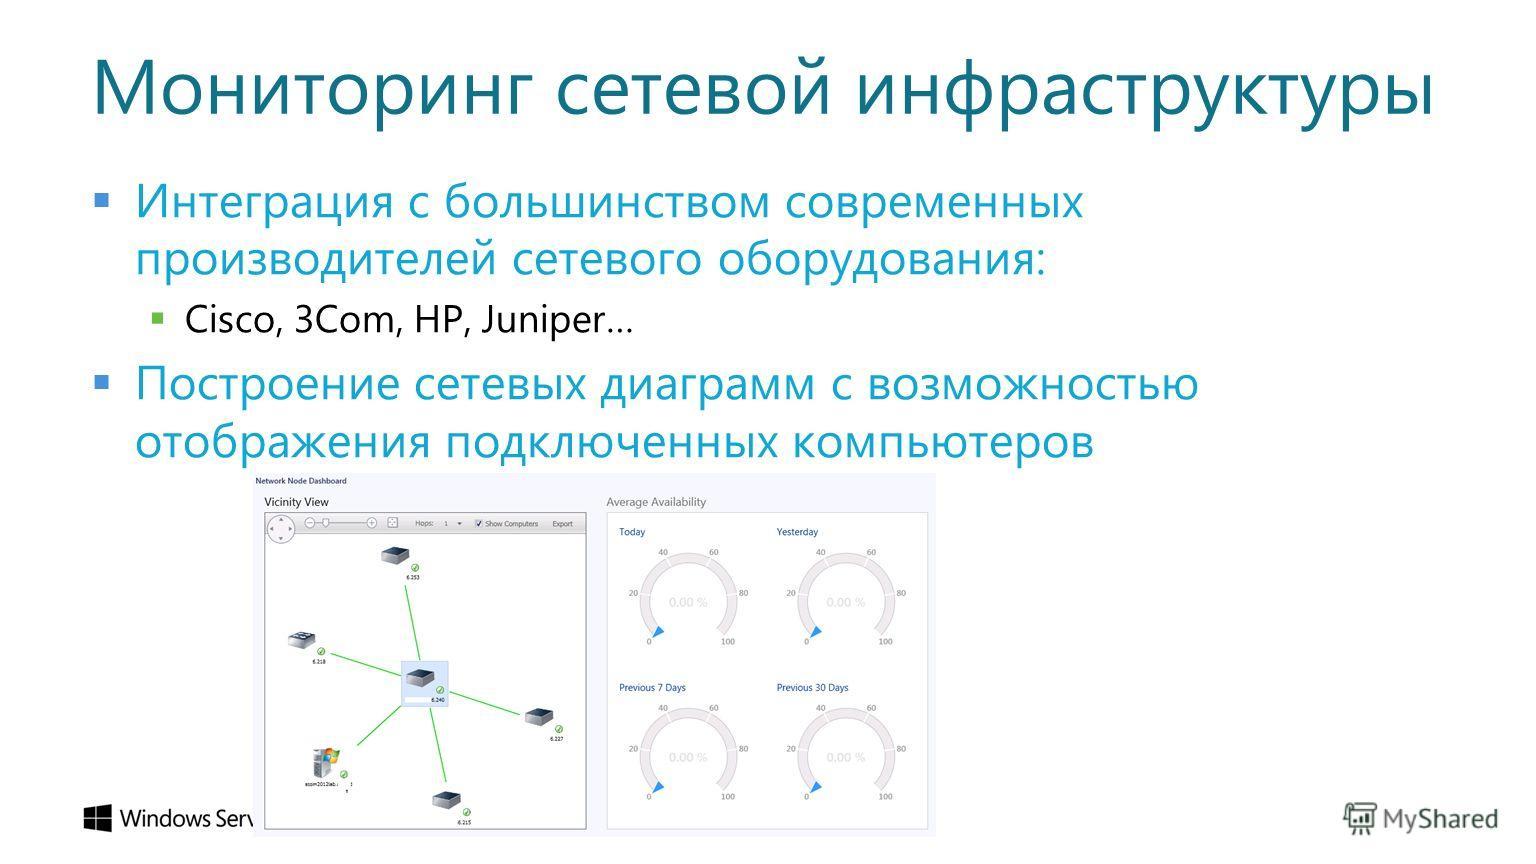 Мониторинг сетевой инфраструктуры Интеграция с большинством современных производителей сетевого оборудования: Cisco, 3Com, HP, Juniper… Построение сетевых диаграмм с возможностью отображения подключенных компьютеров